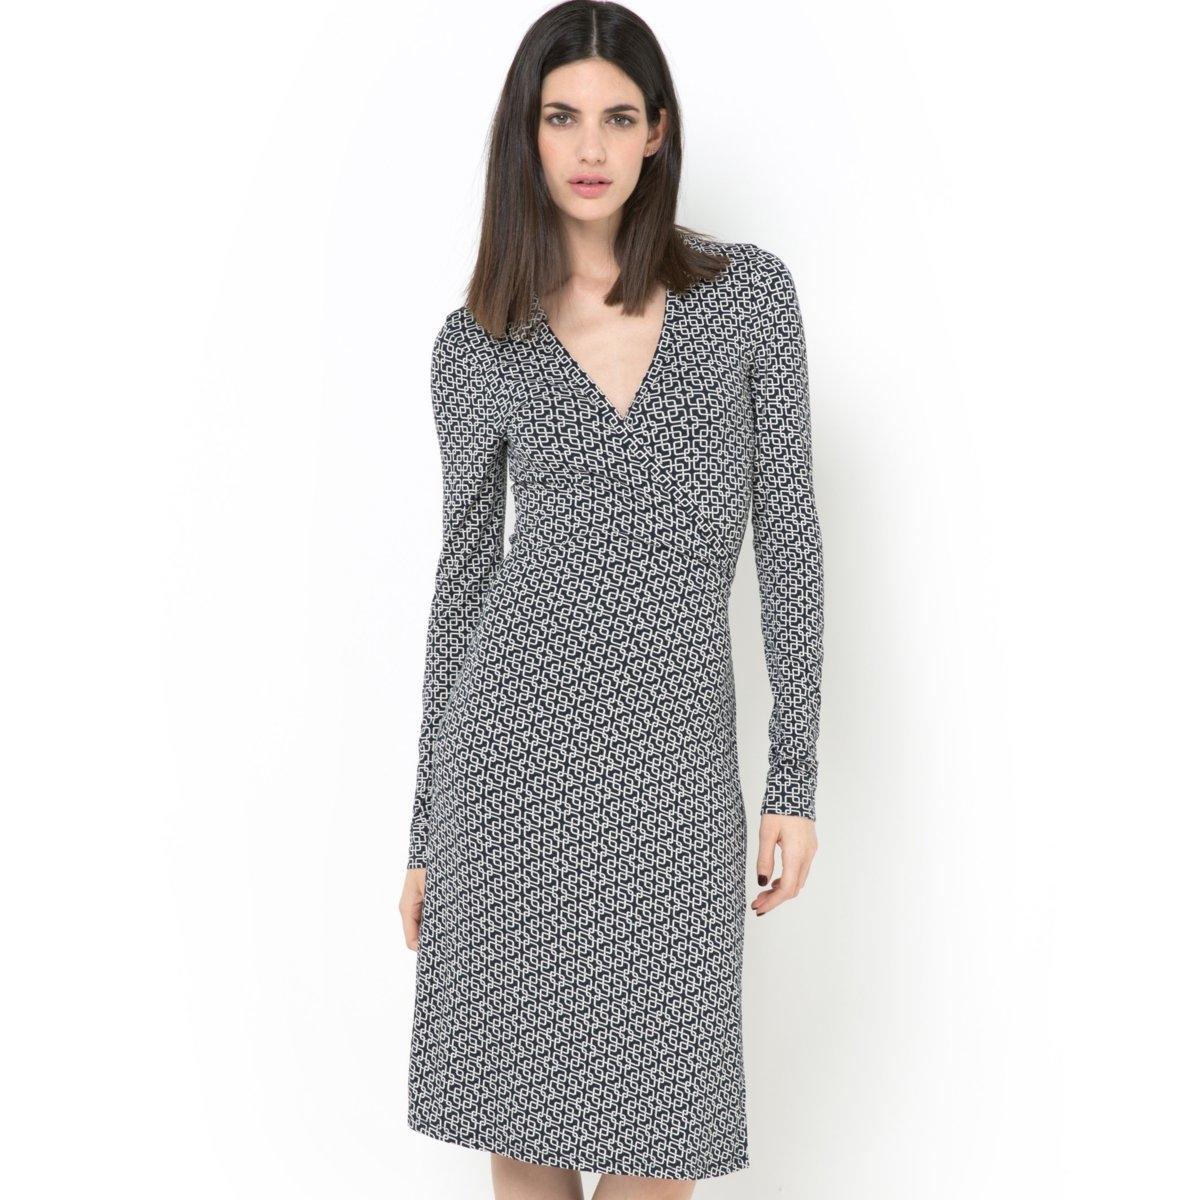 Платье с запахом, длинными рукавами и расклешенной юбкой из материала стретчДлина 98 см<br><br>Цвет: набивной рисунок<br>Размер: 50/52 (FR) - 56/58 (RUS)